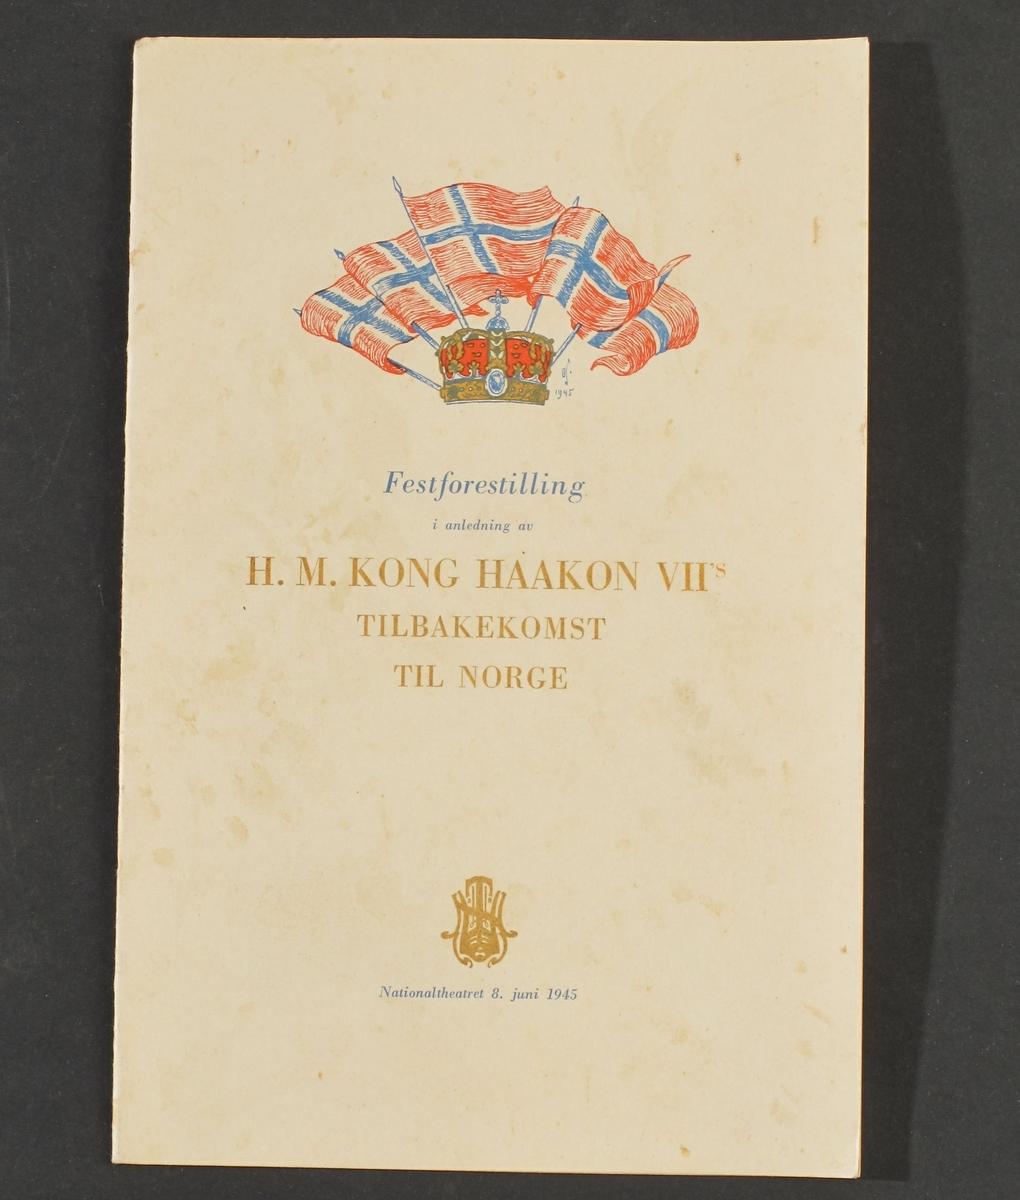 Minner fra fredsmarkeringene sommeren 1945: a) Hovedprogram, 7.juni 1945  b) Program, Det Norske Teateret, 7.juni 1945  c) Program, festforestilling, Nationaltheateret 8.juni 1945  d) Stensil, 10+10 kampbud, fra Hjemmefrontens ledelse, 2 eks.  e) Aviser, Agderposten, Oslo-pressen, fra maidagene 1945.